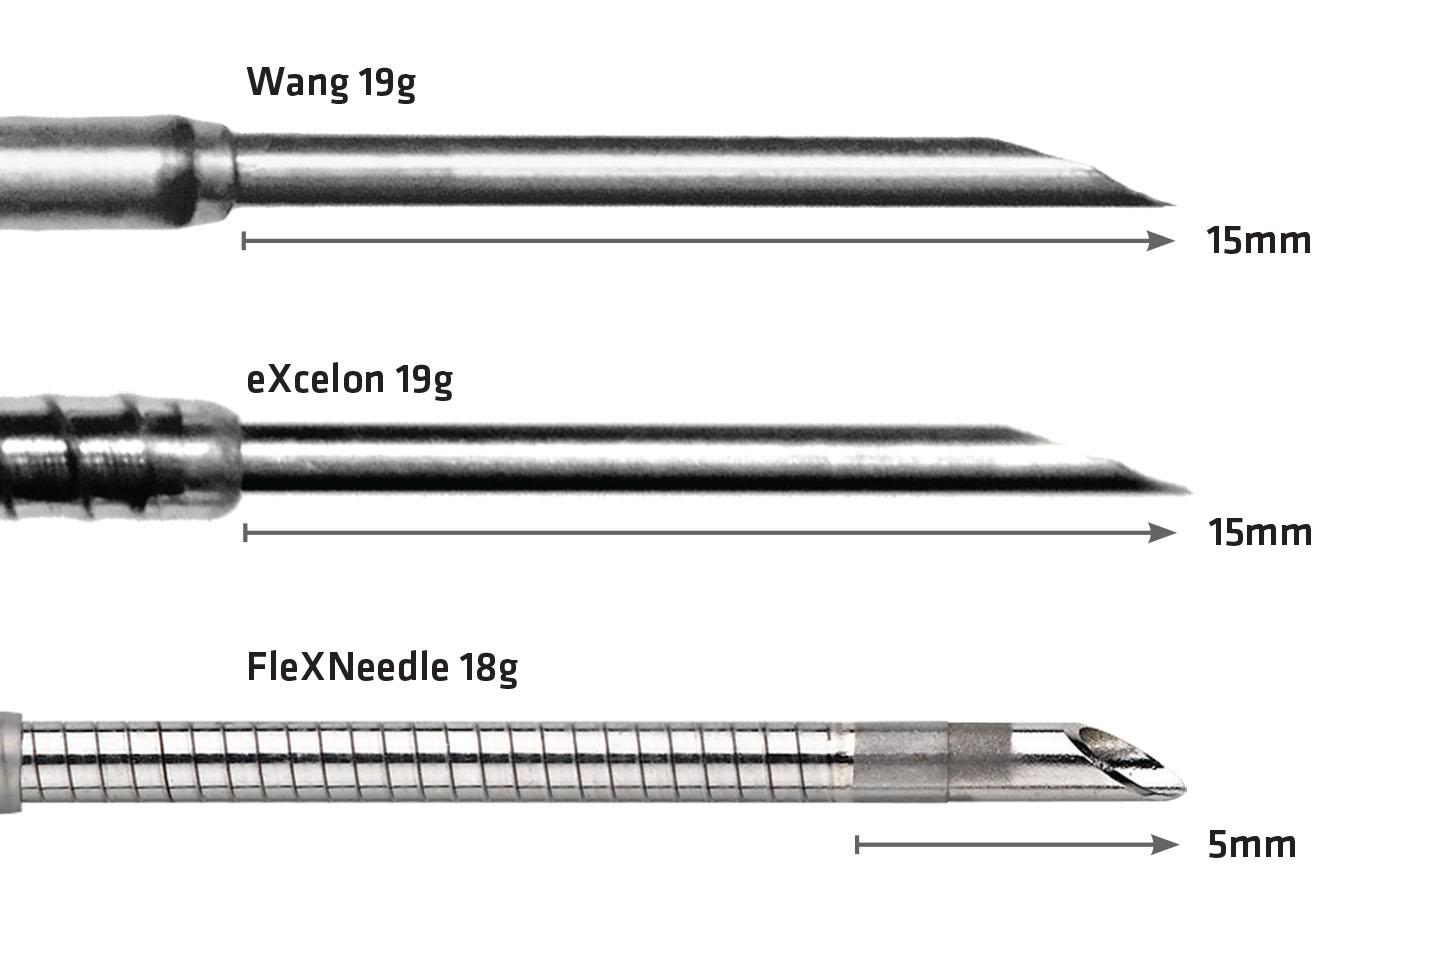 Flexneedle_enhanced flexibility